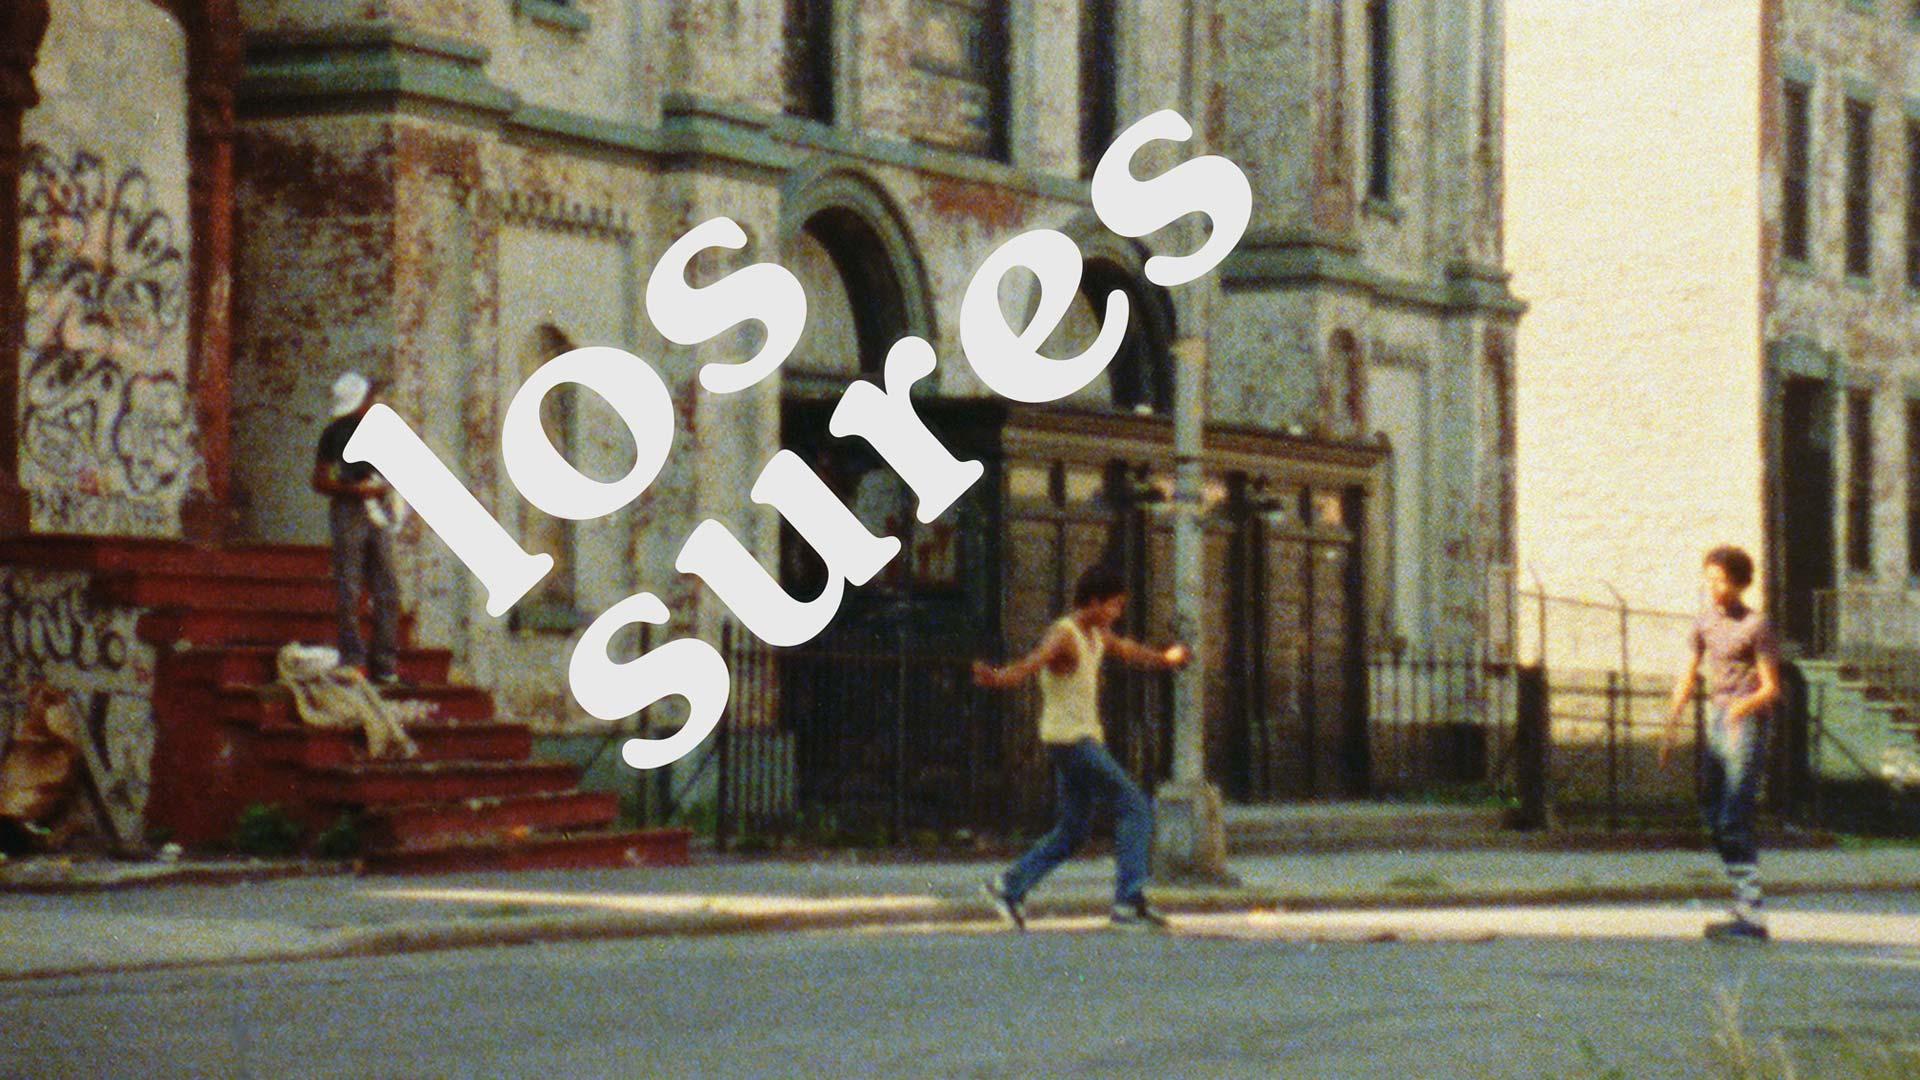 Los Sures - image